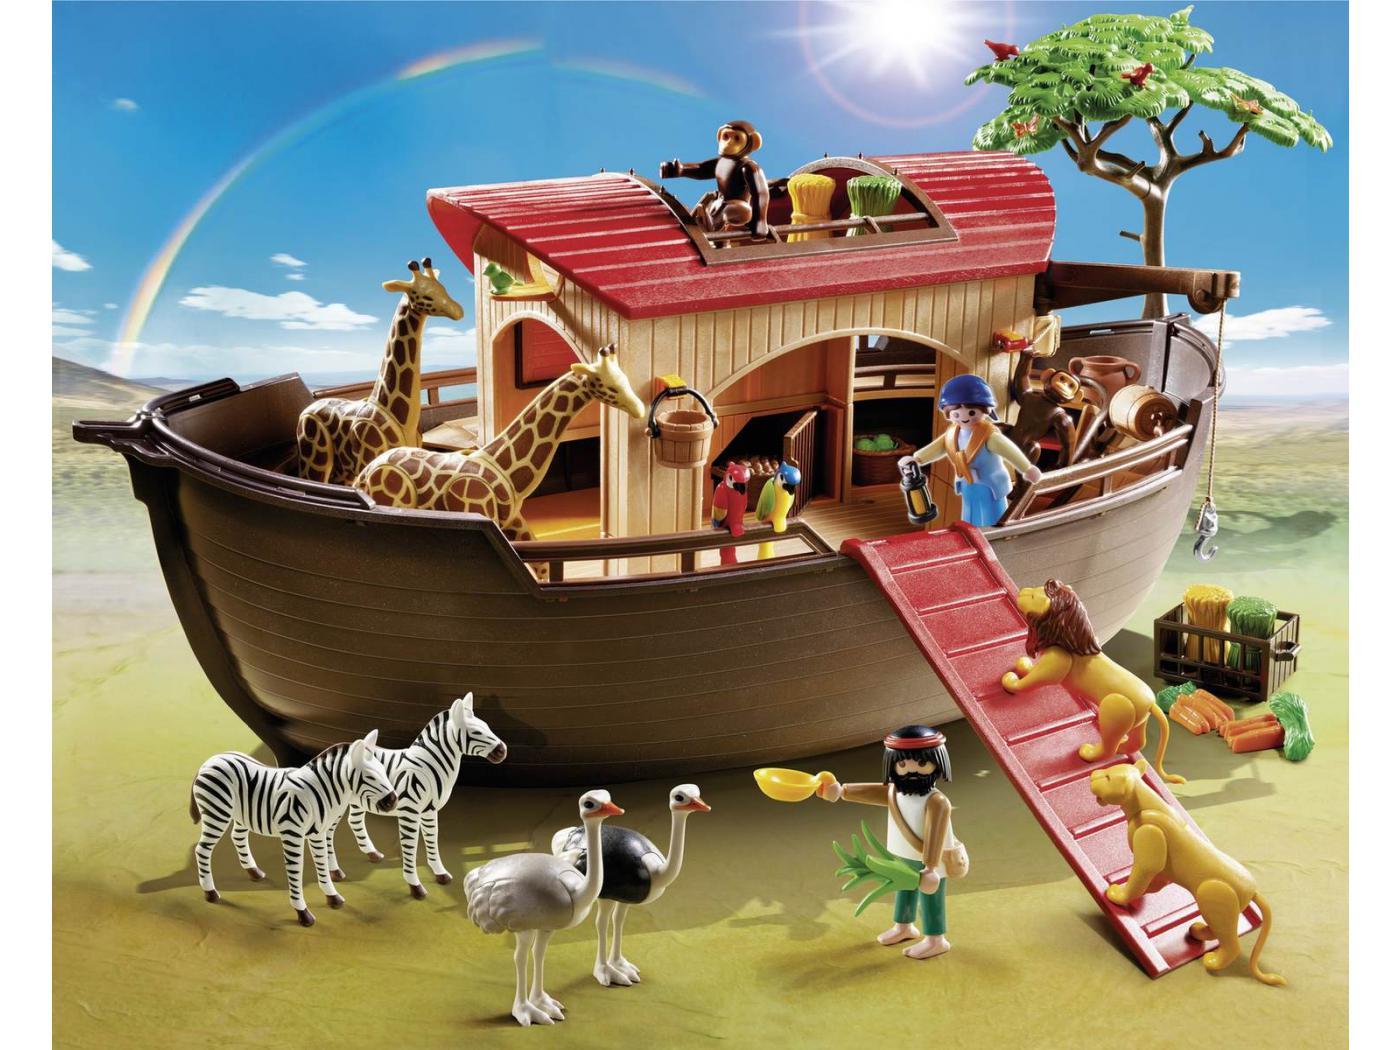 playmobil arche de no avec animaux de la savane. Black Bedroom Furniture Sets. Home Design Ideas